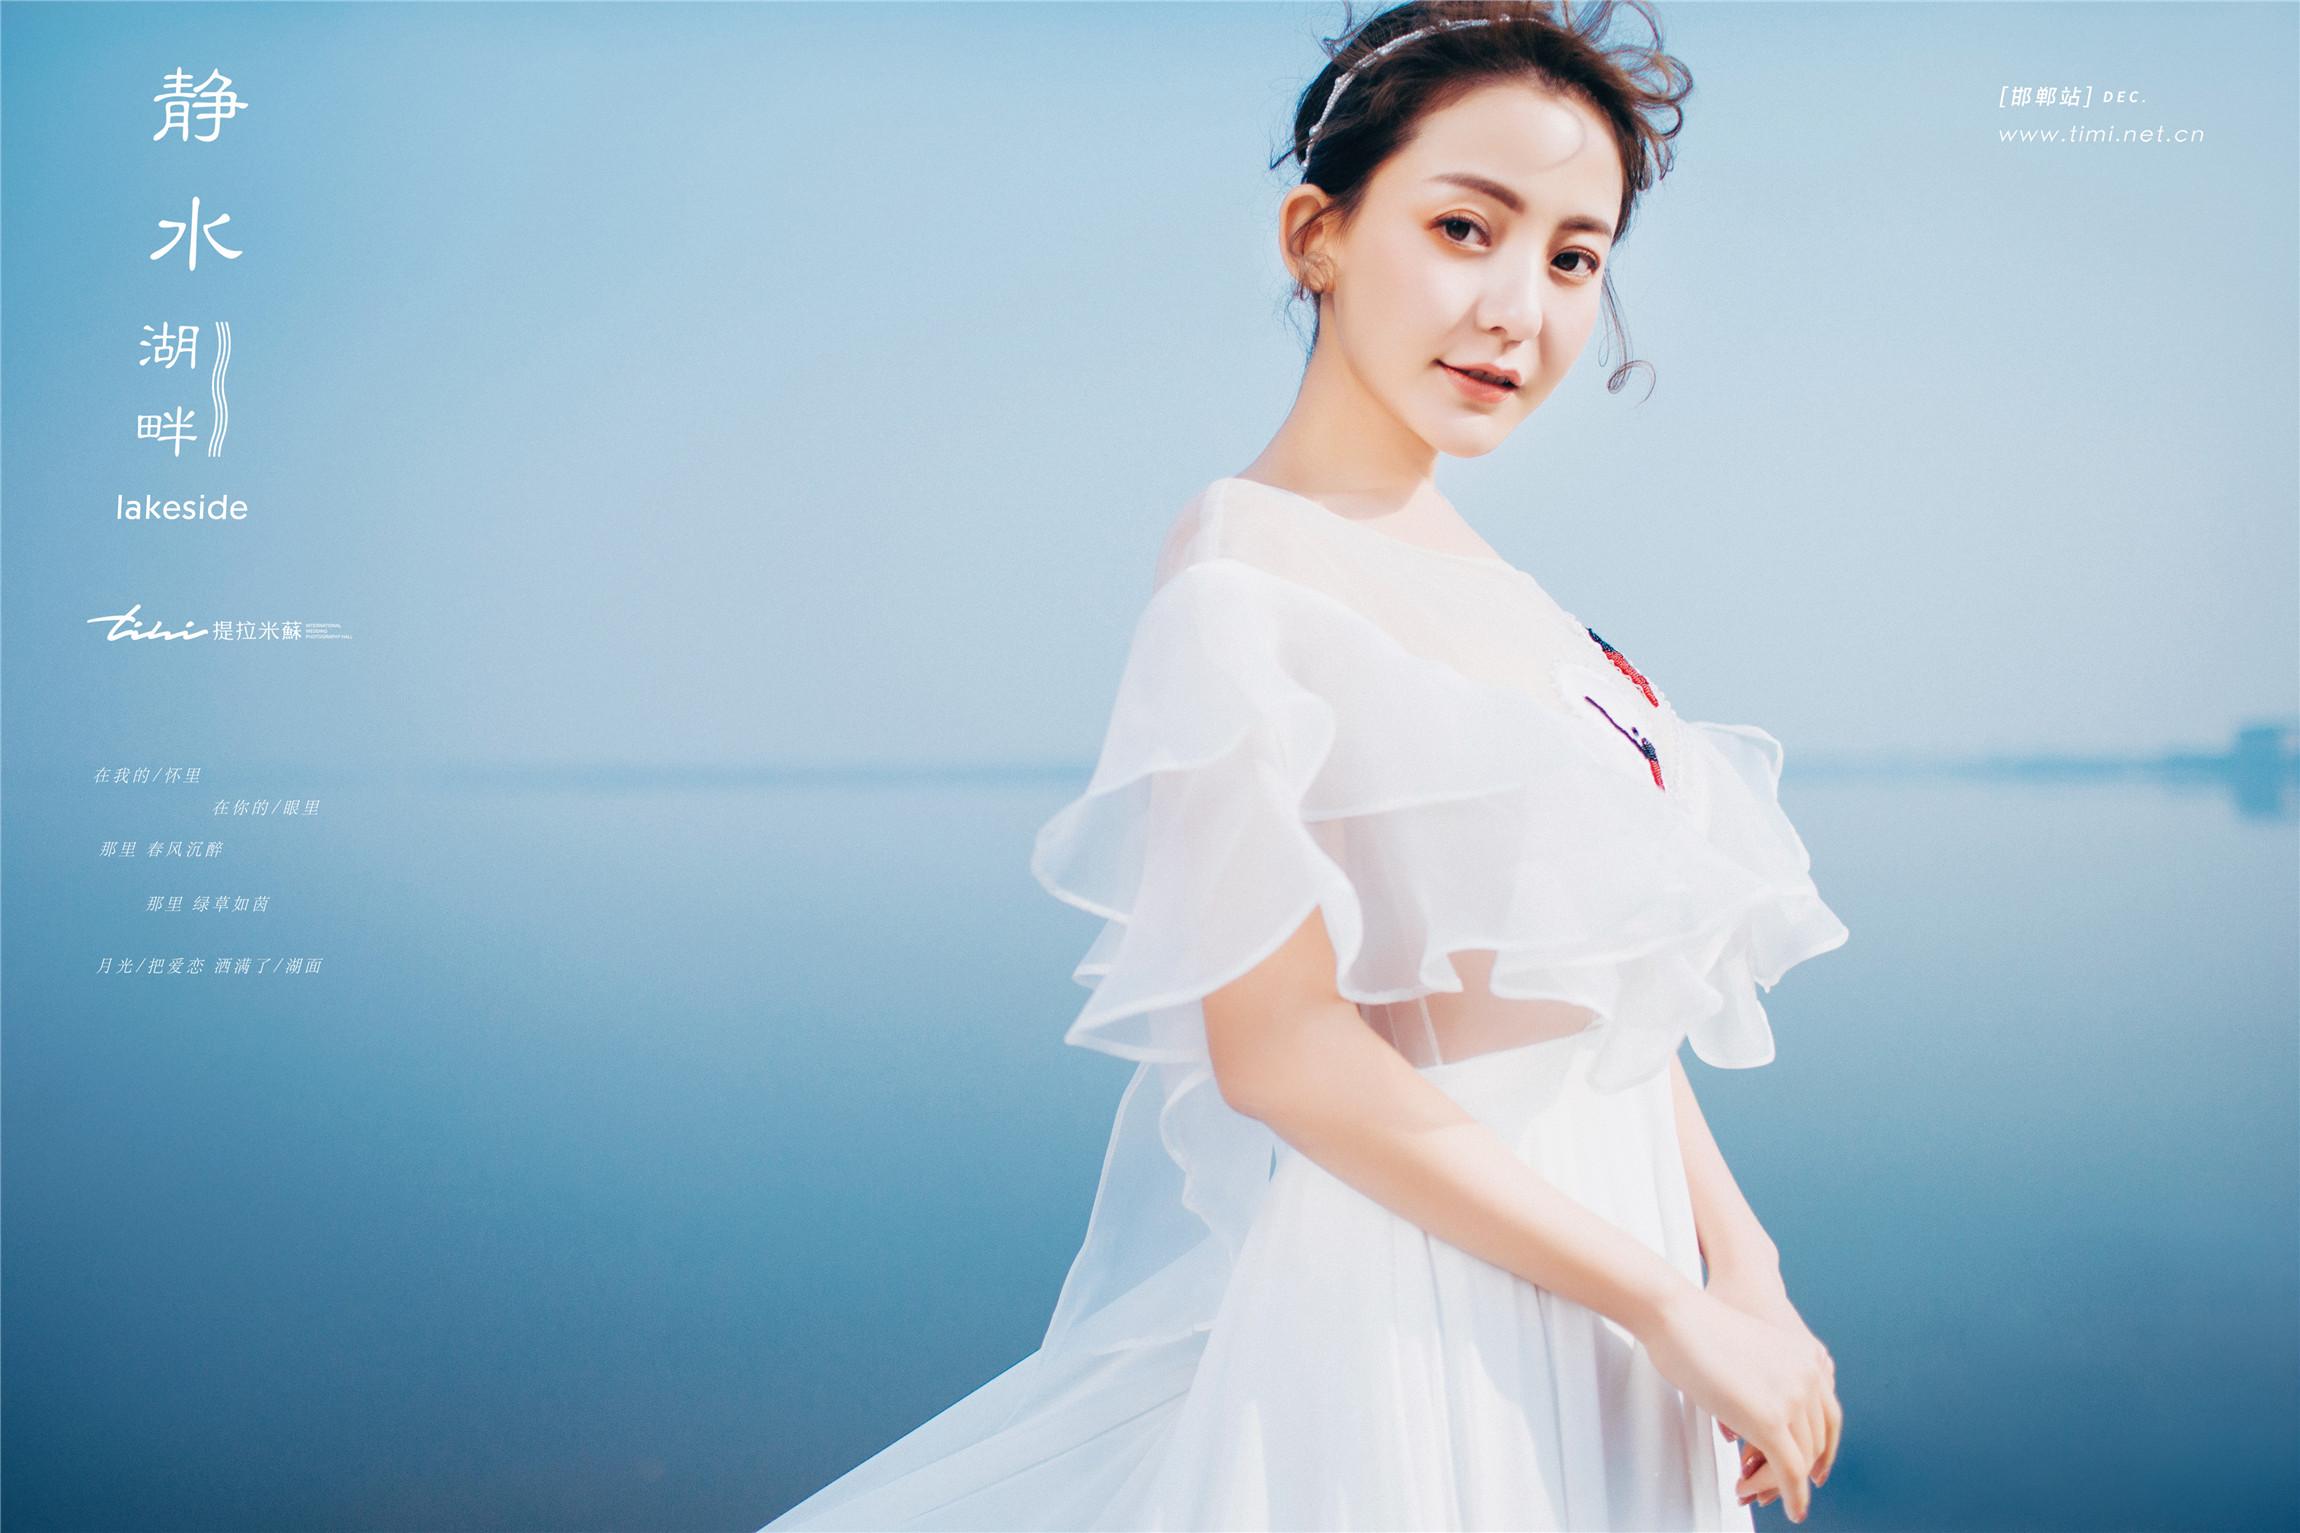 邯郸婚纱照拍摄前新娘子的护肤技巧